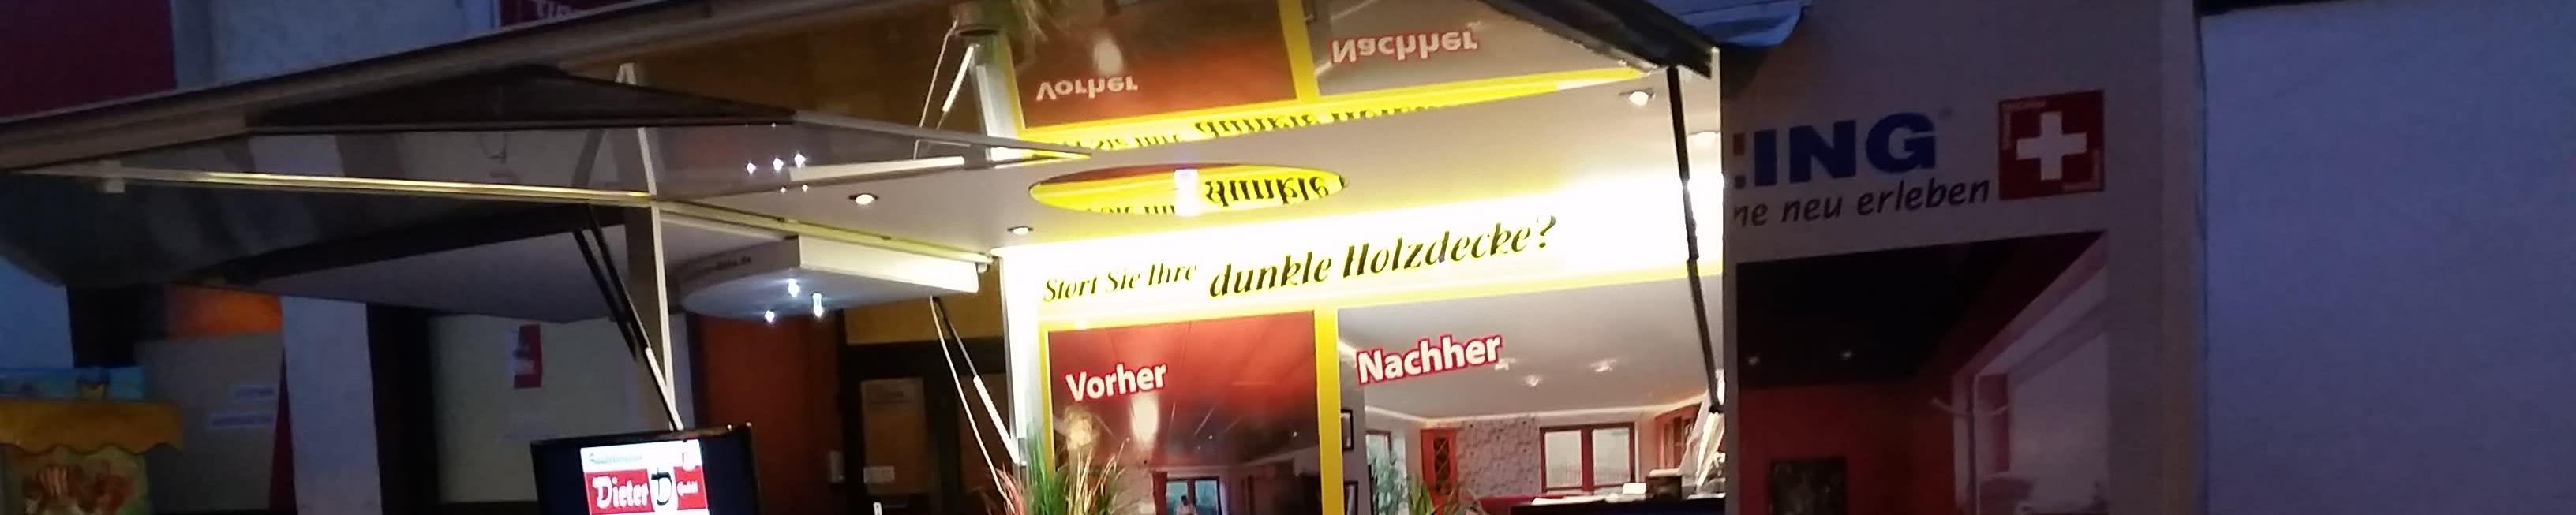 Veranstaltung Offenbach Titelbild Stand Dieter Deko